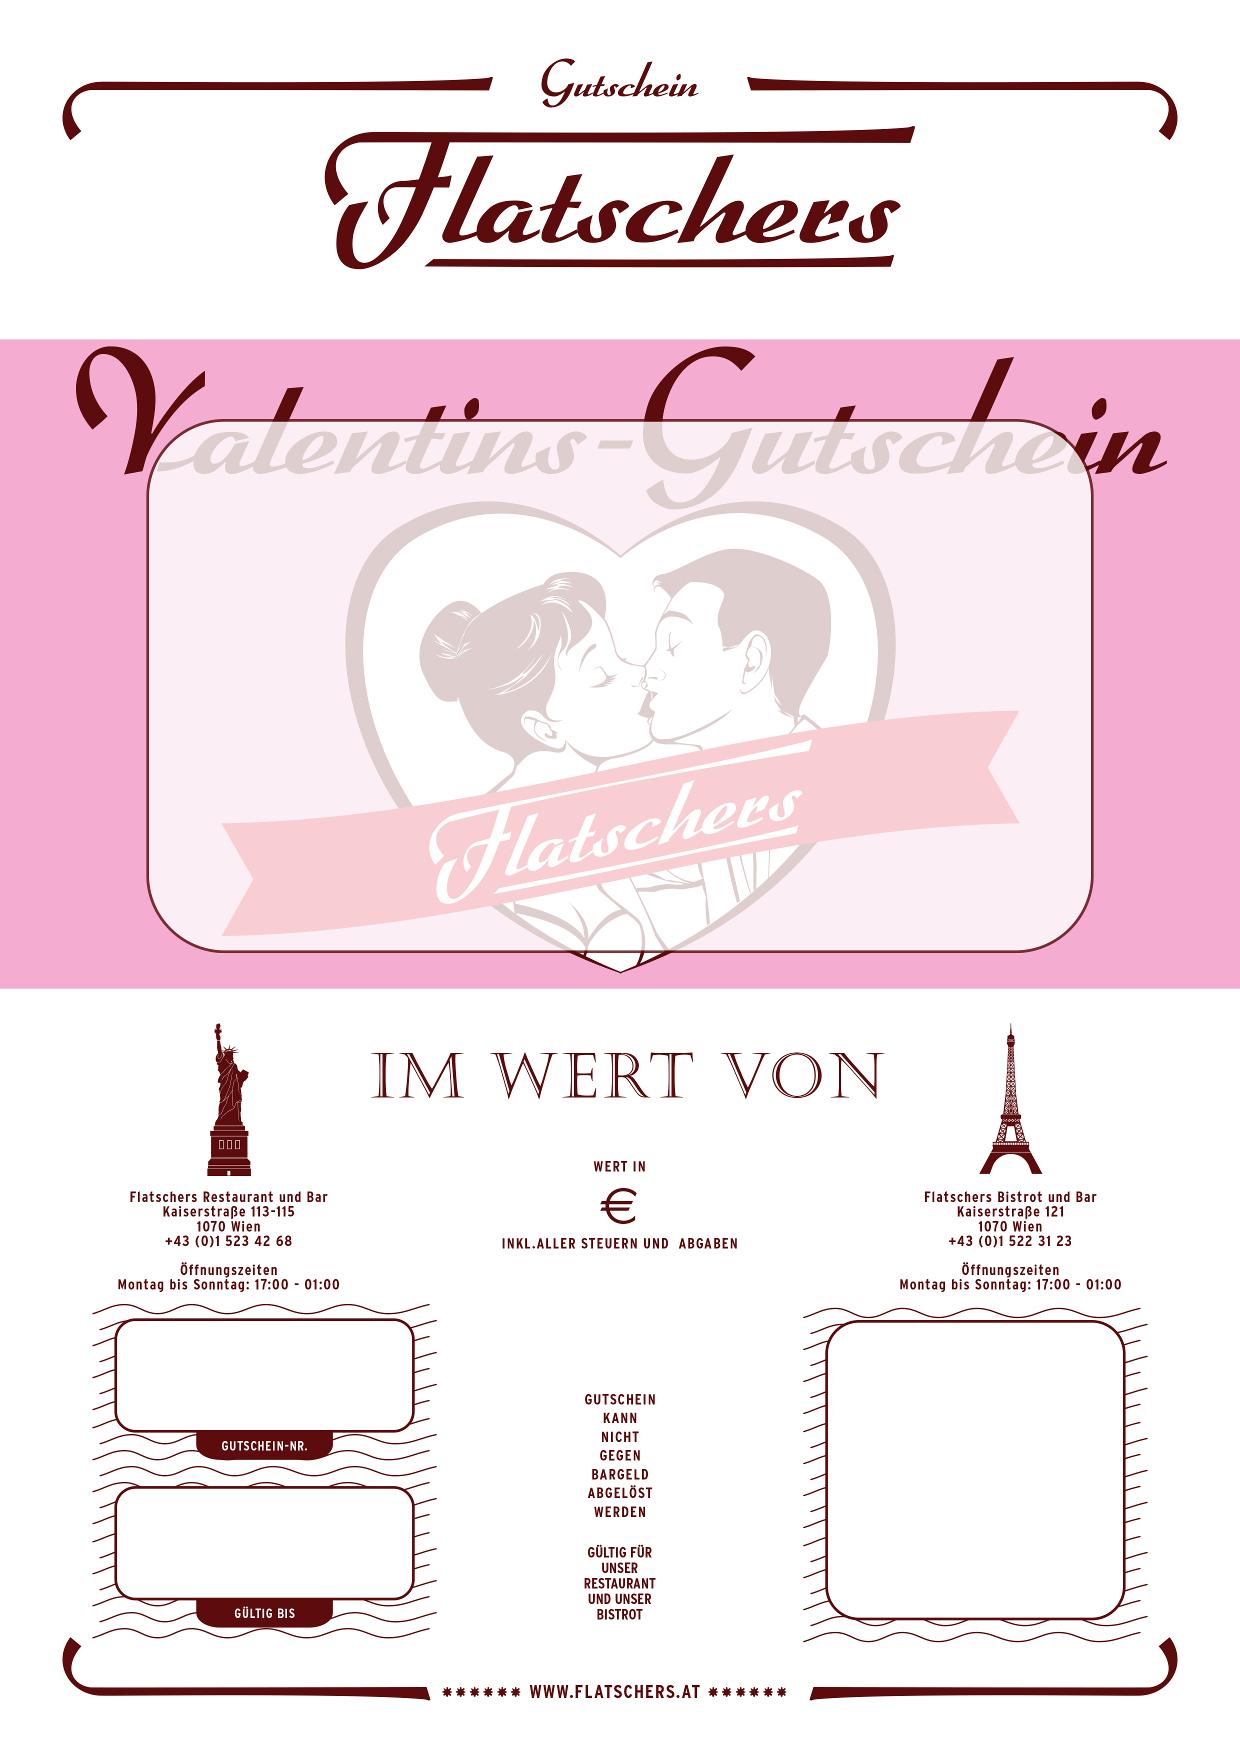 Flatschers   Gutscheine Zum Valentinstag Schenken   Restaurant Gutscheine  Wien